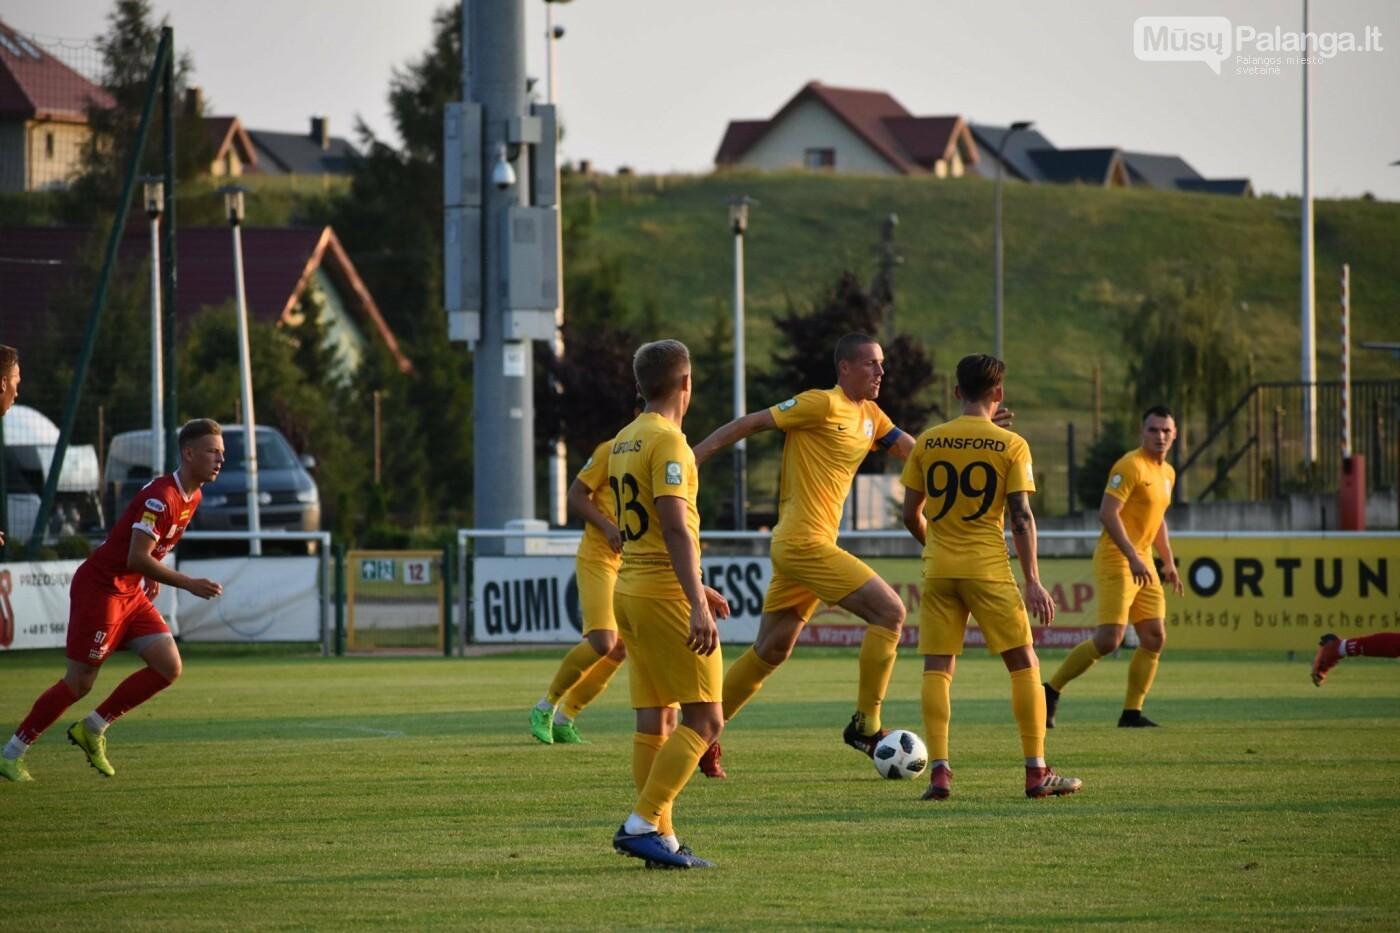 Kontrolinėse rungtynėse Lenkijoje – būrys peržiūroje dalyvaujančių futbolininkų bei naujas treneris, nuotrauka-3